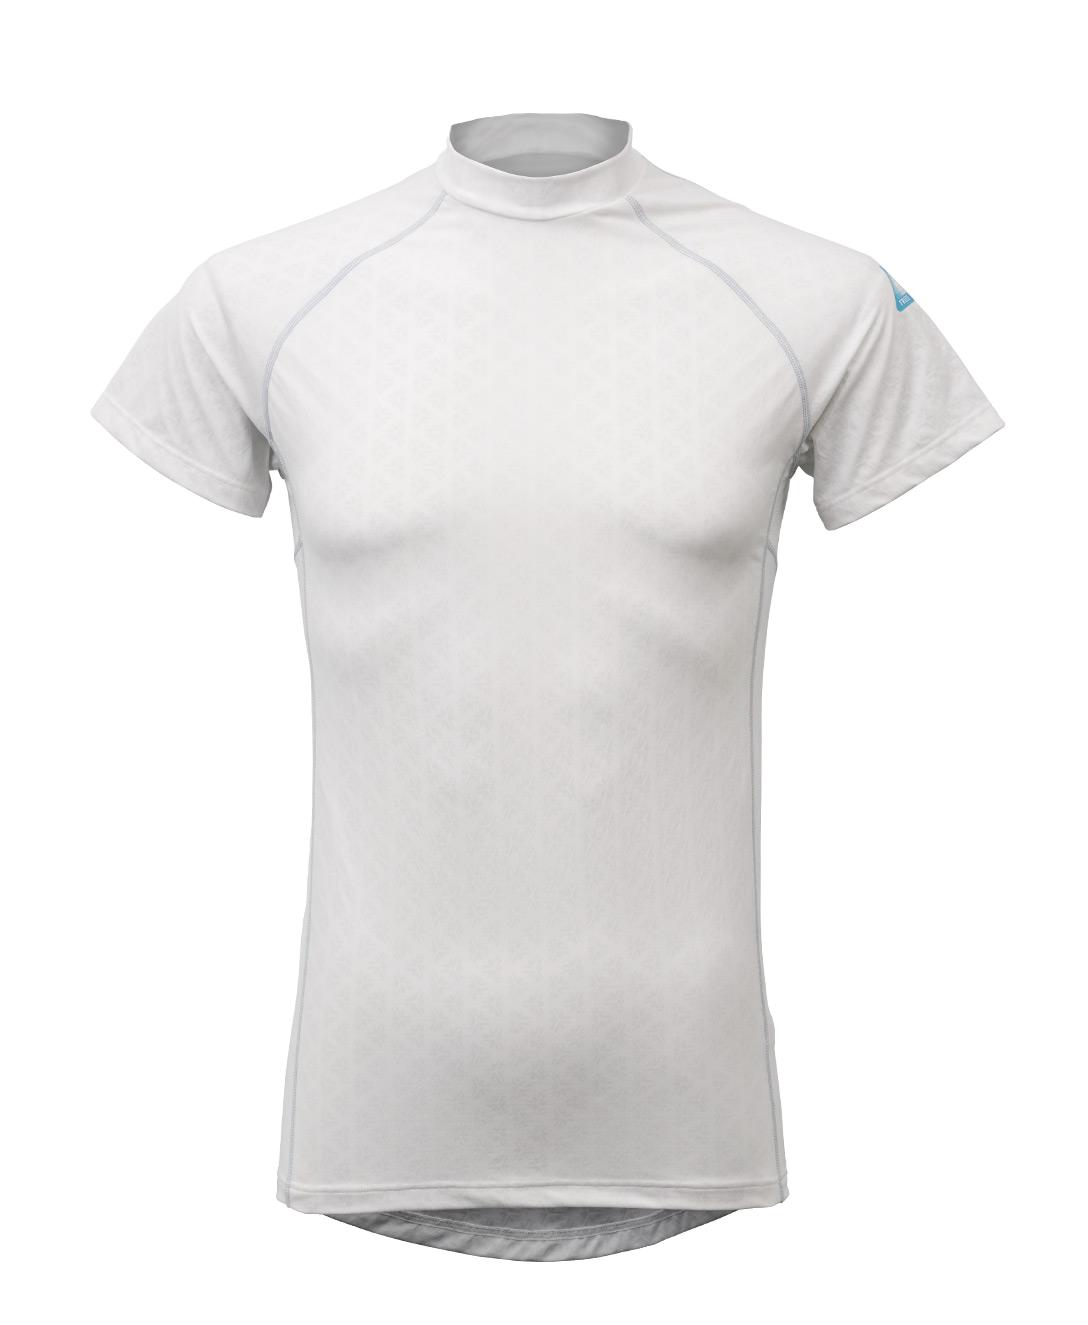 冷却インナーシャツ 半袖ローネックインナー